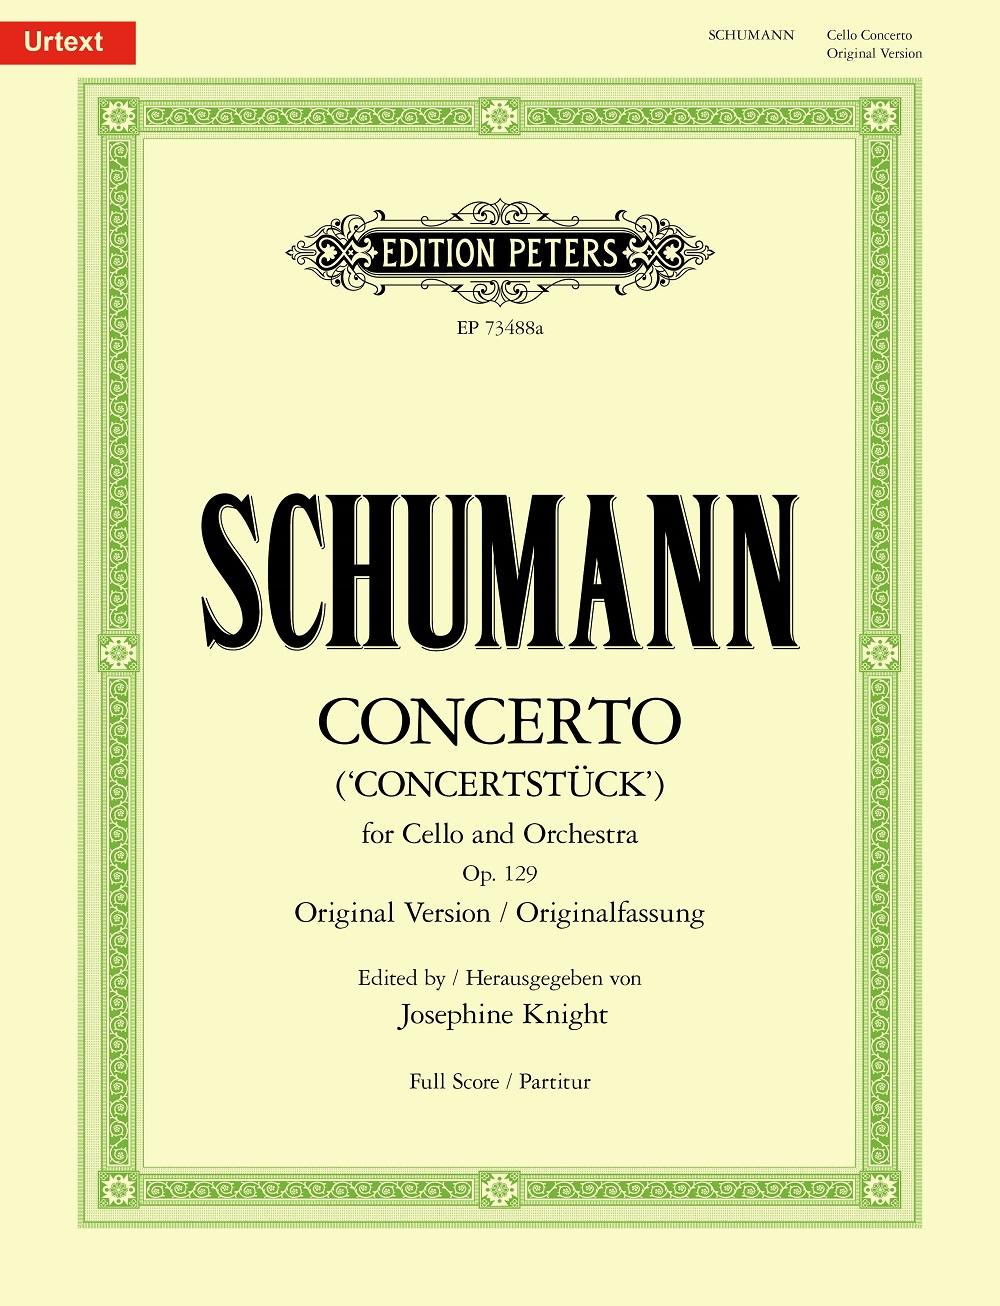 Robert Schumann: Concerto for Cello and Orchestra (Concertstück): Cello and